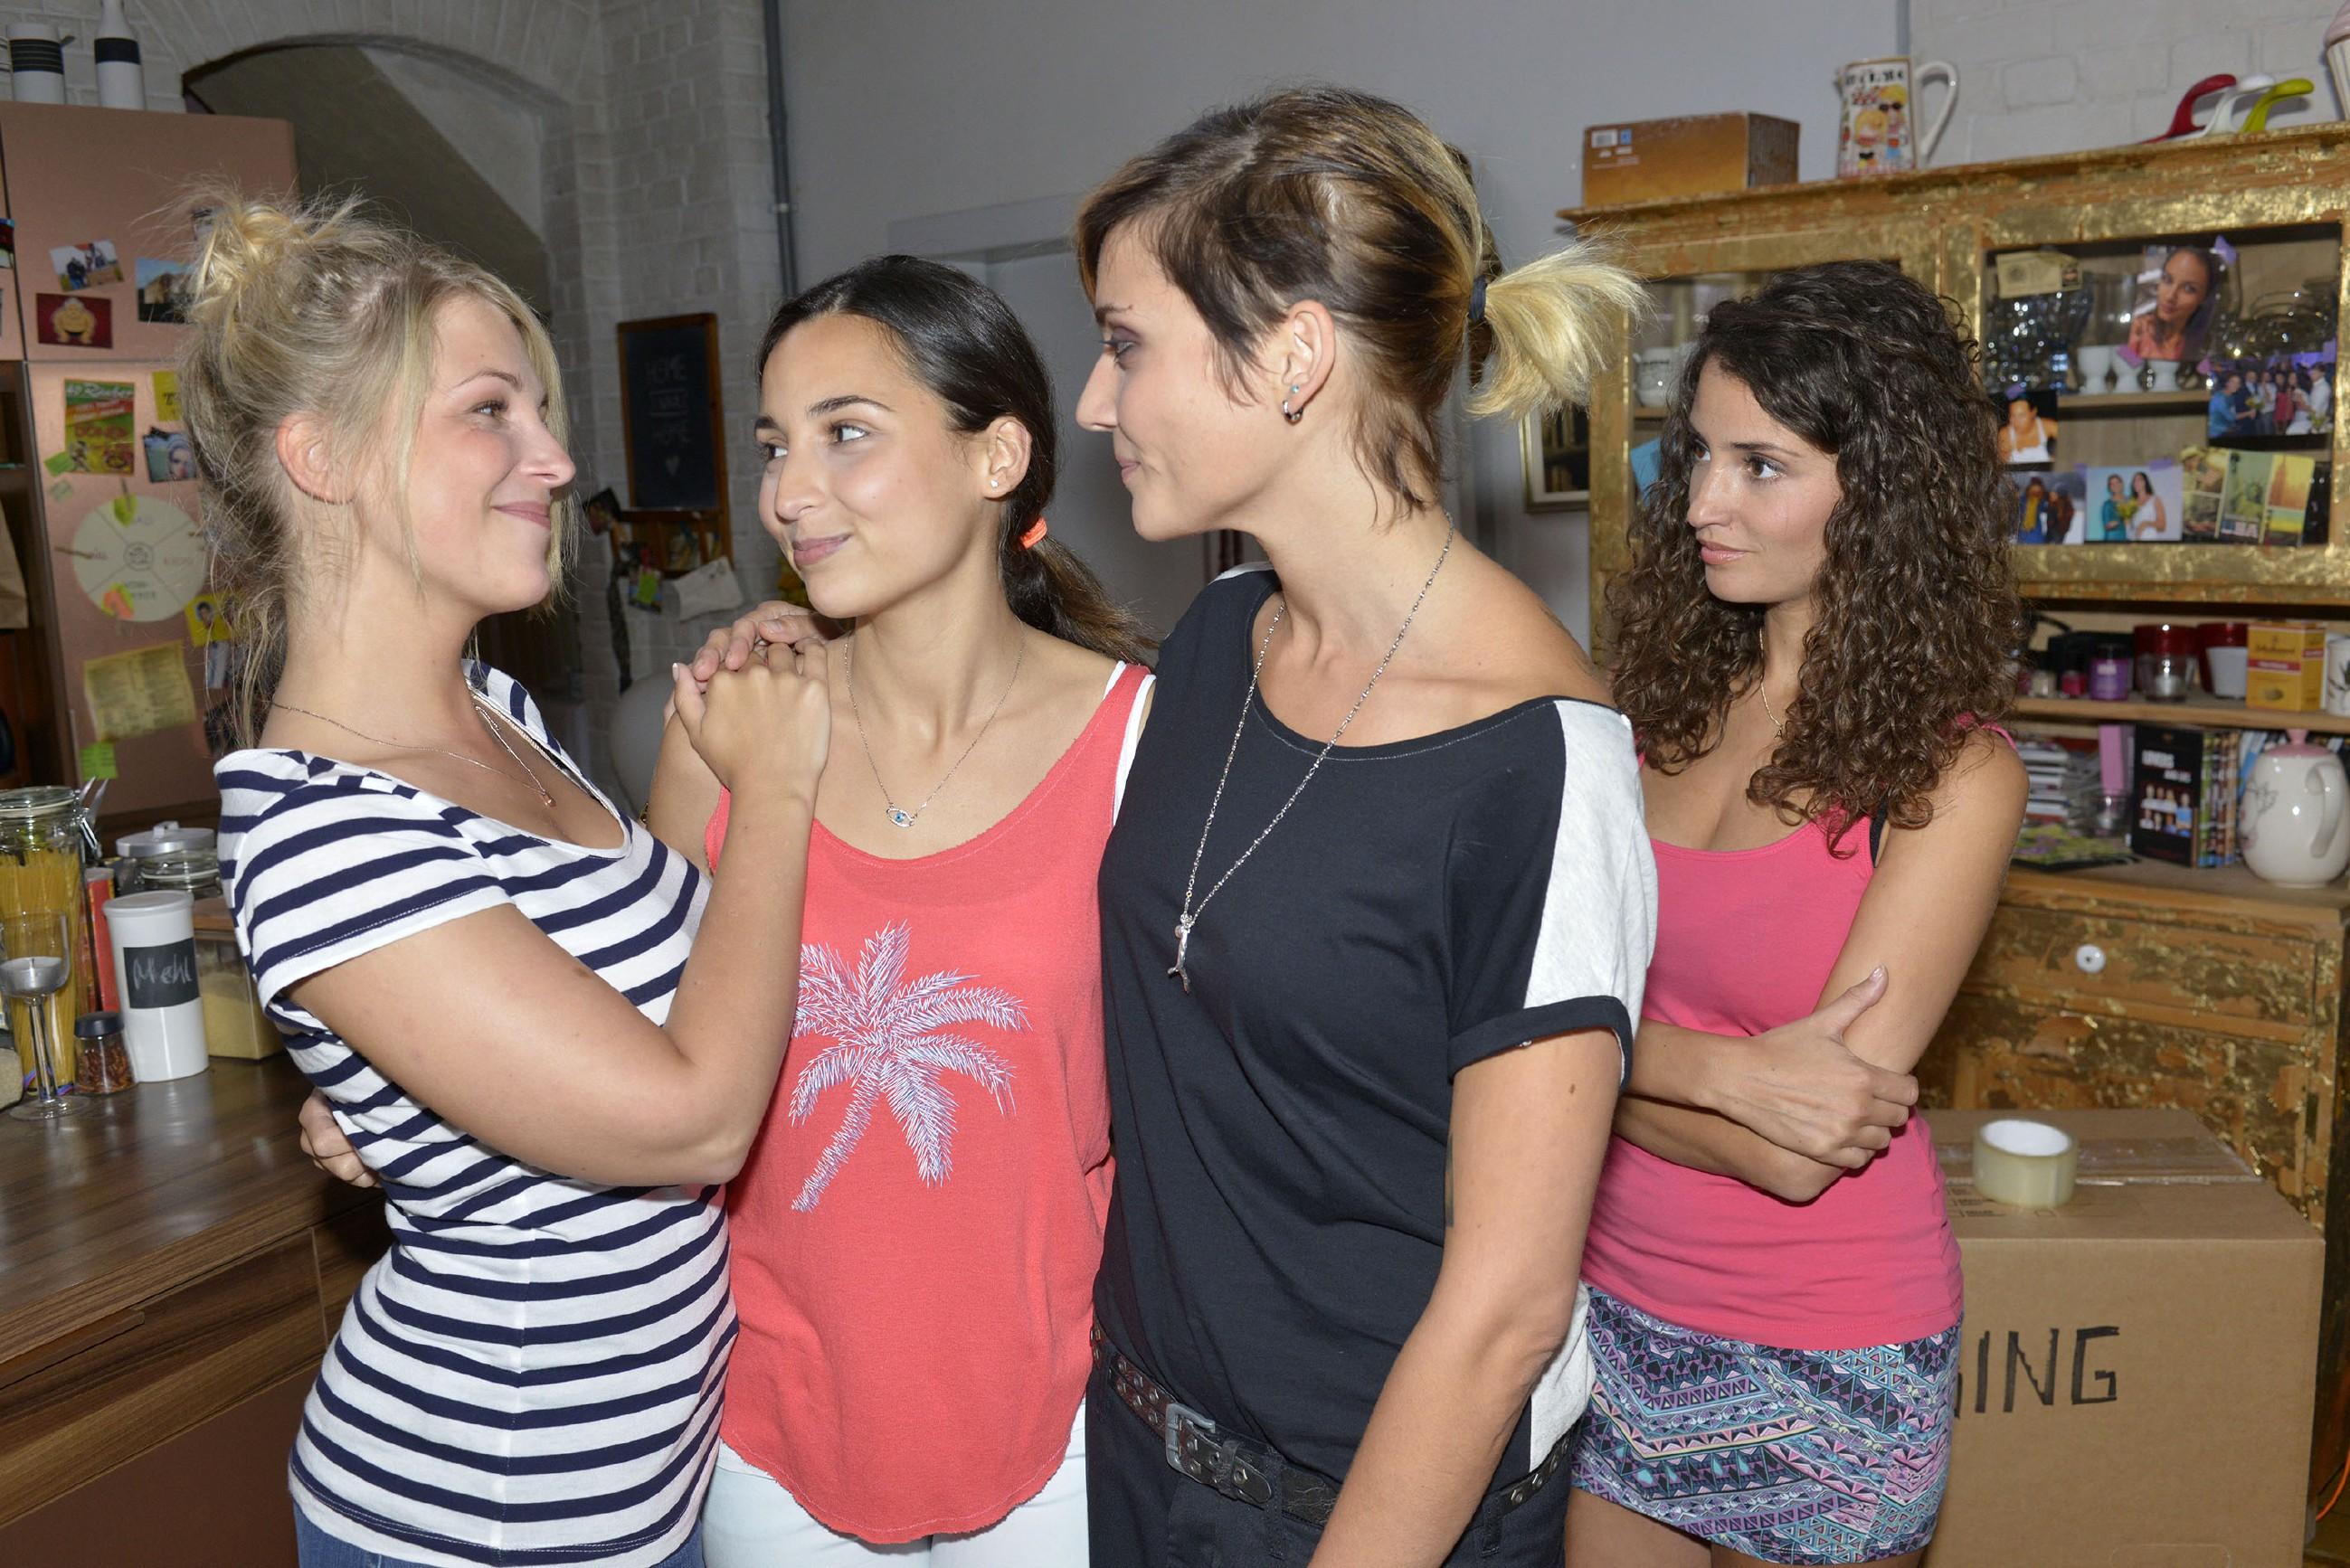 Selma (Rona Özkan, 2.v.l.) nimmt wehmütig Abschied von Ayla (Nadine Menz, r.) und ihren Freundinnen Lilly (Iris Mareike Steen, l.) und Anni (Linda Marlen Runge). (Quelle: RTL / Rolf Baumgartner)